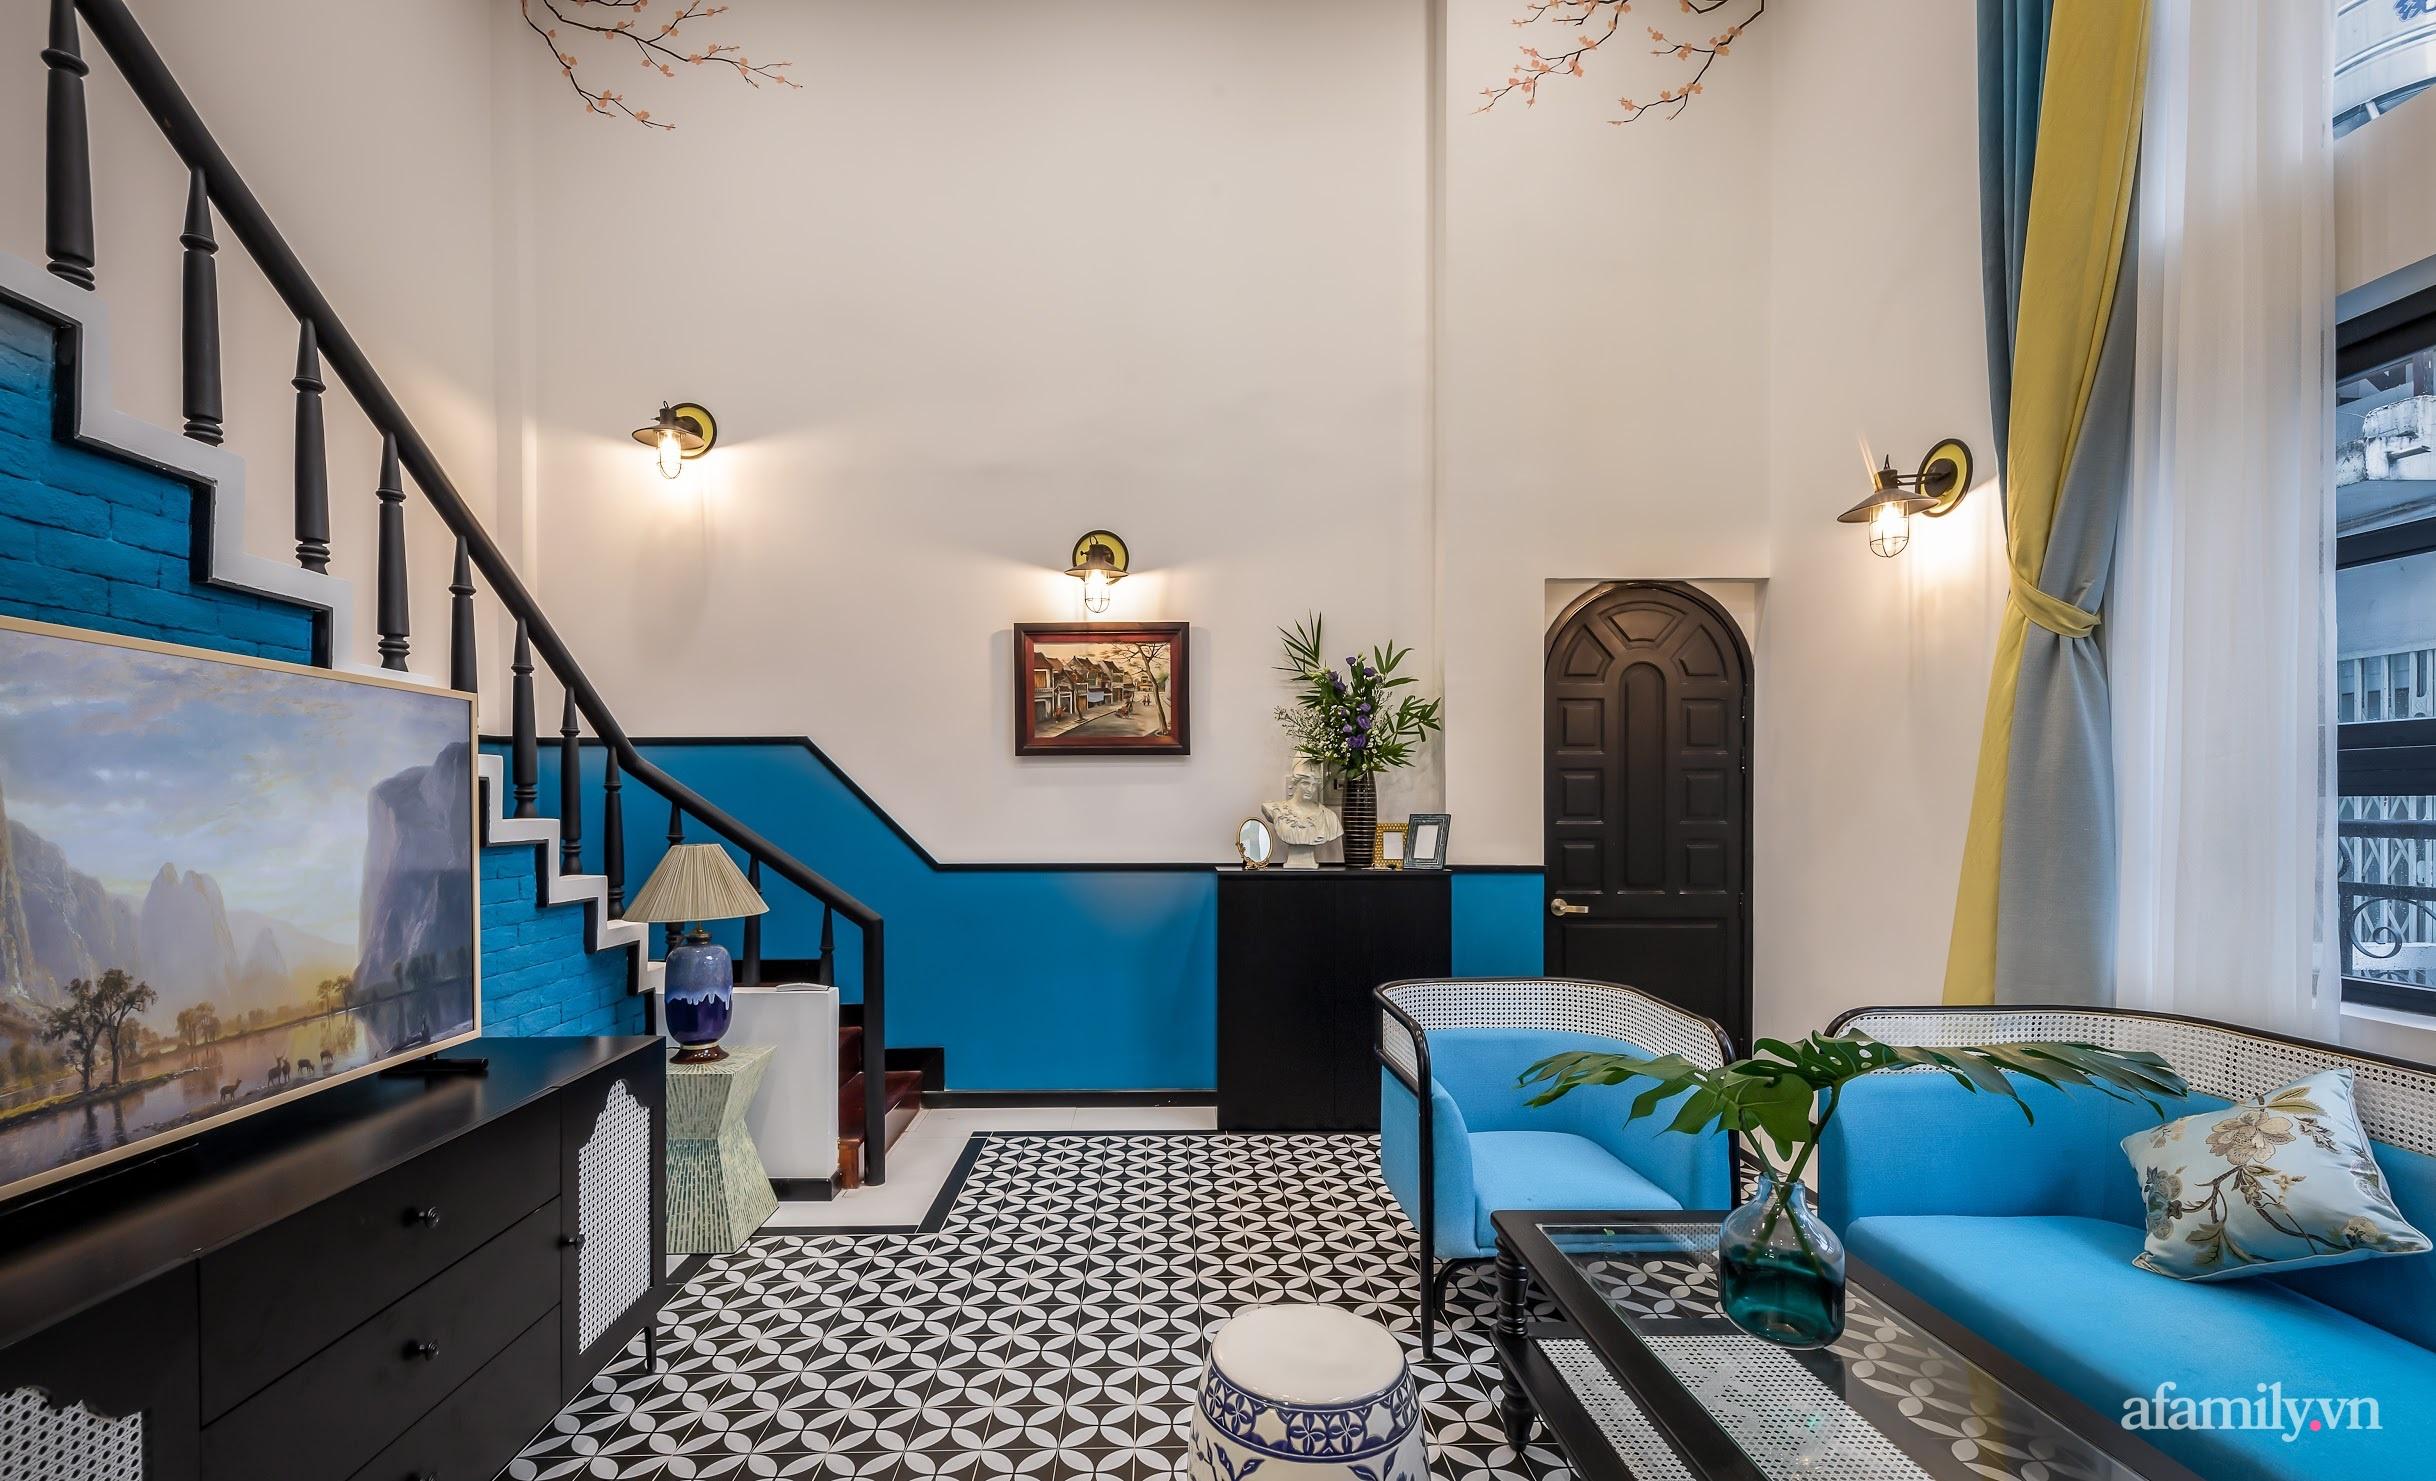 Cải tạo căn hộ tập thể 85m² thành không gian phảng phất vẻ đẹp Đông Dương với chi phí 700 triệu đồng ở Sài Gòn - Ảnh 7.